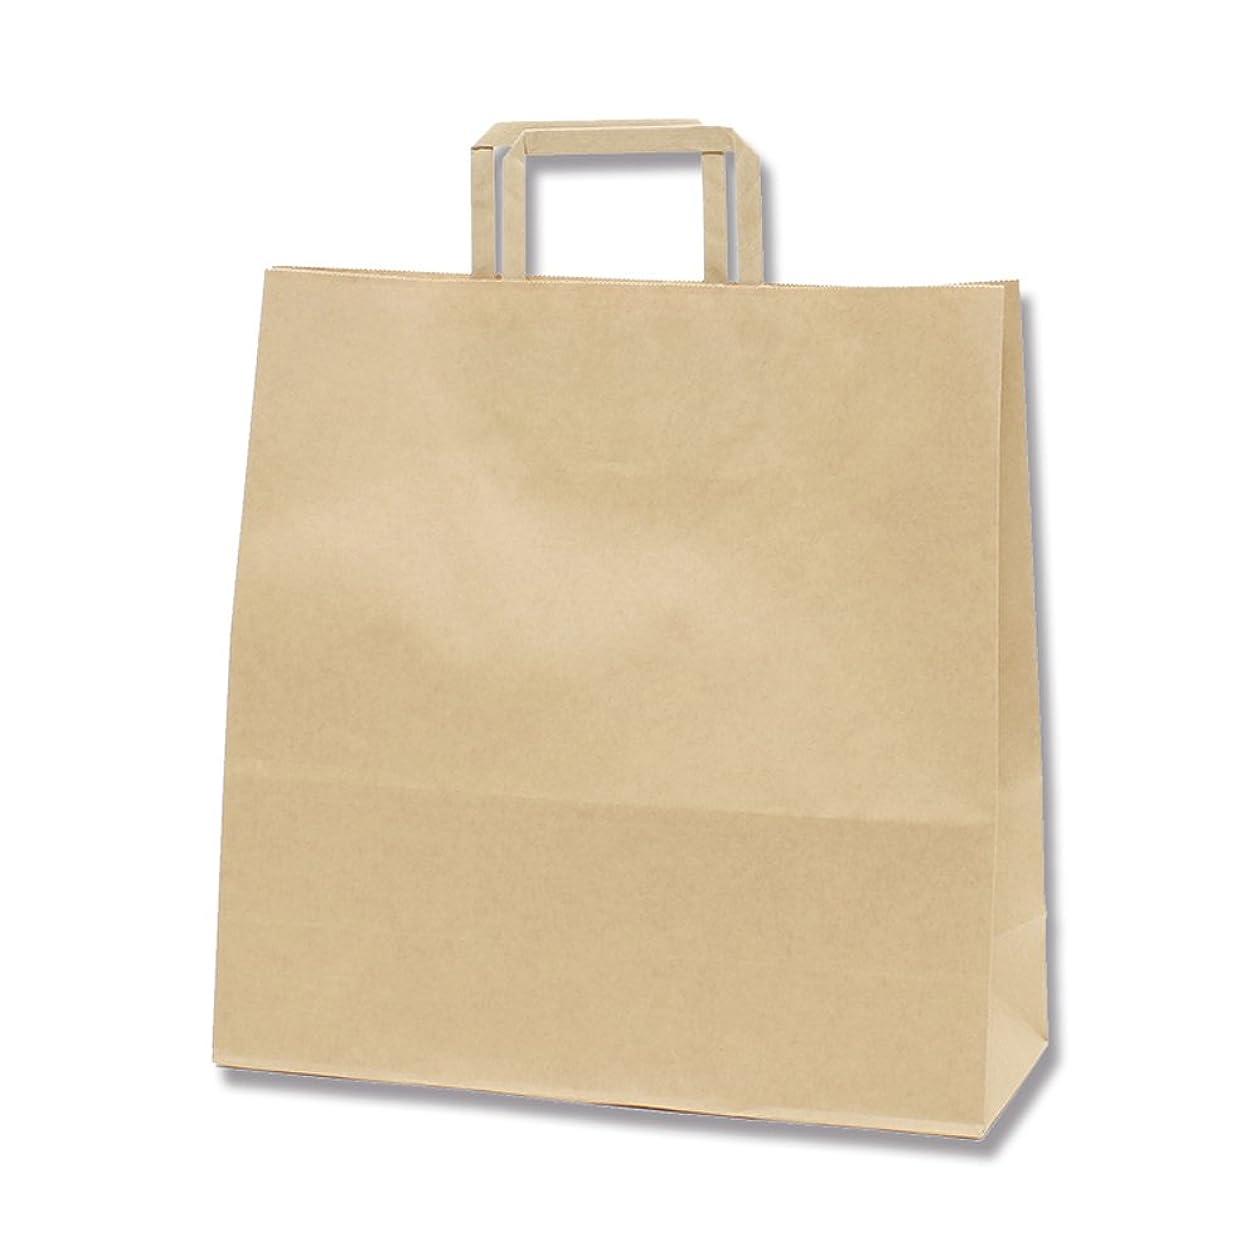 キノコ喉が渇いた皮肉ヘイコー 手提 紙袋 平手紐 H25CB 20-1 未晒 クラフト 20x9x24cm 50枚